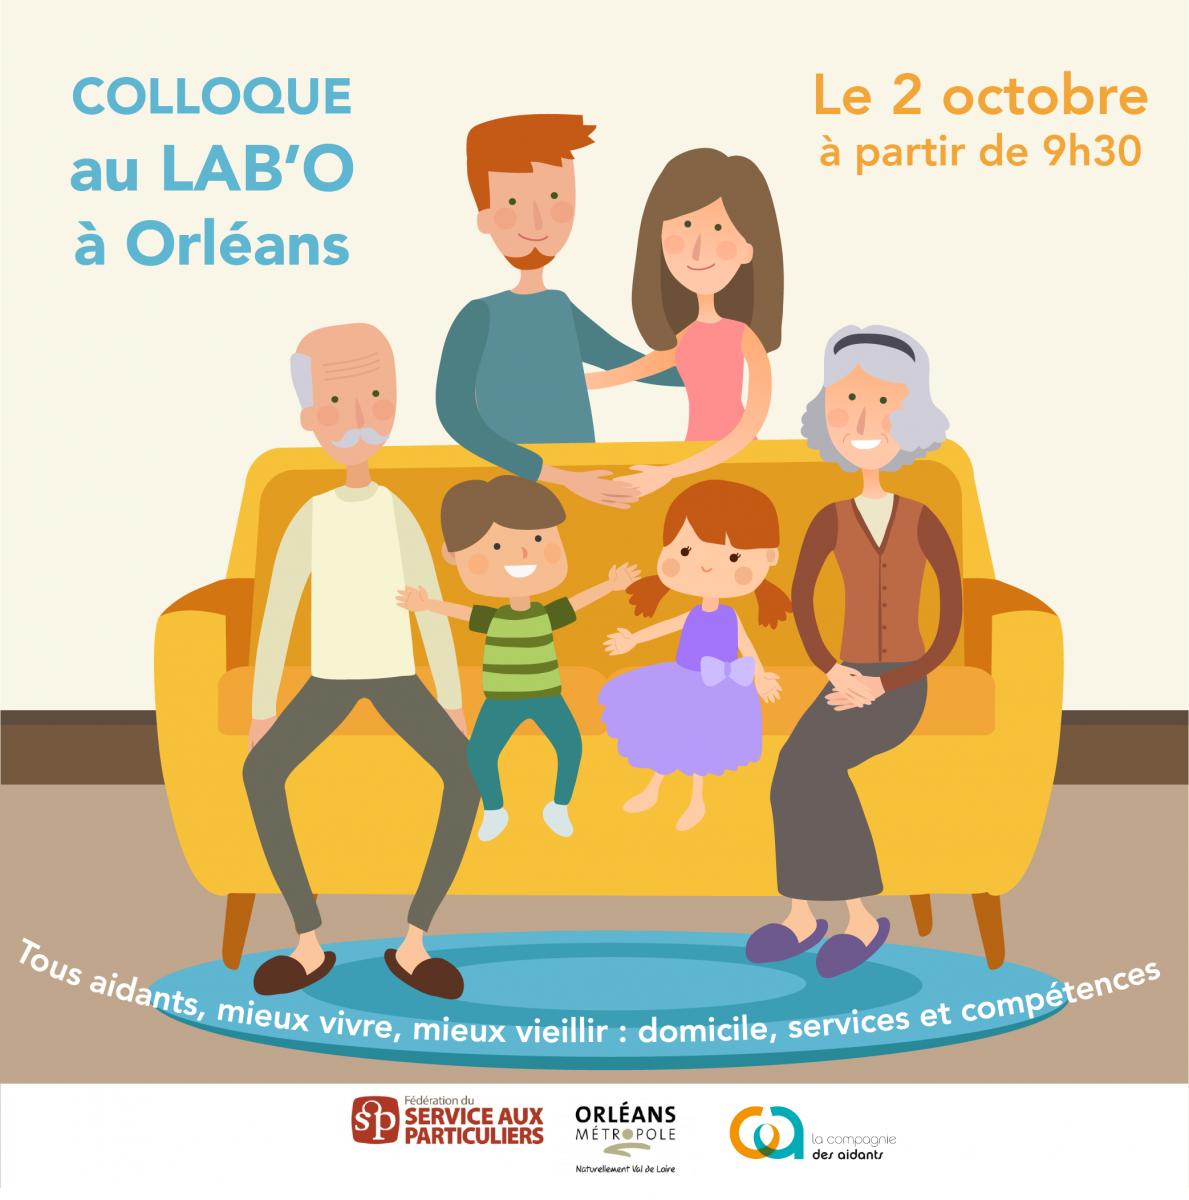 Rendez-vous au LAB'O d'Orléans le 2 octobre